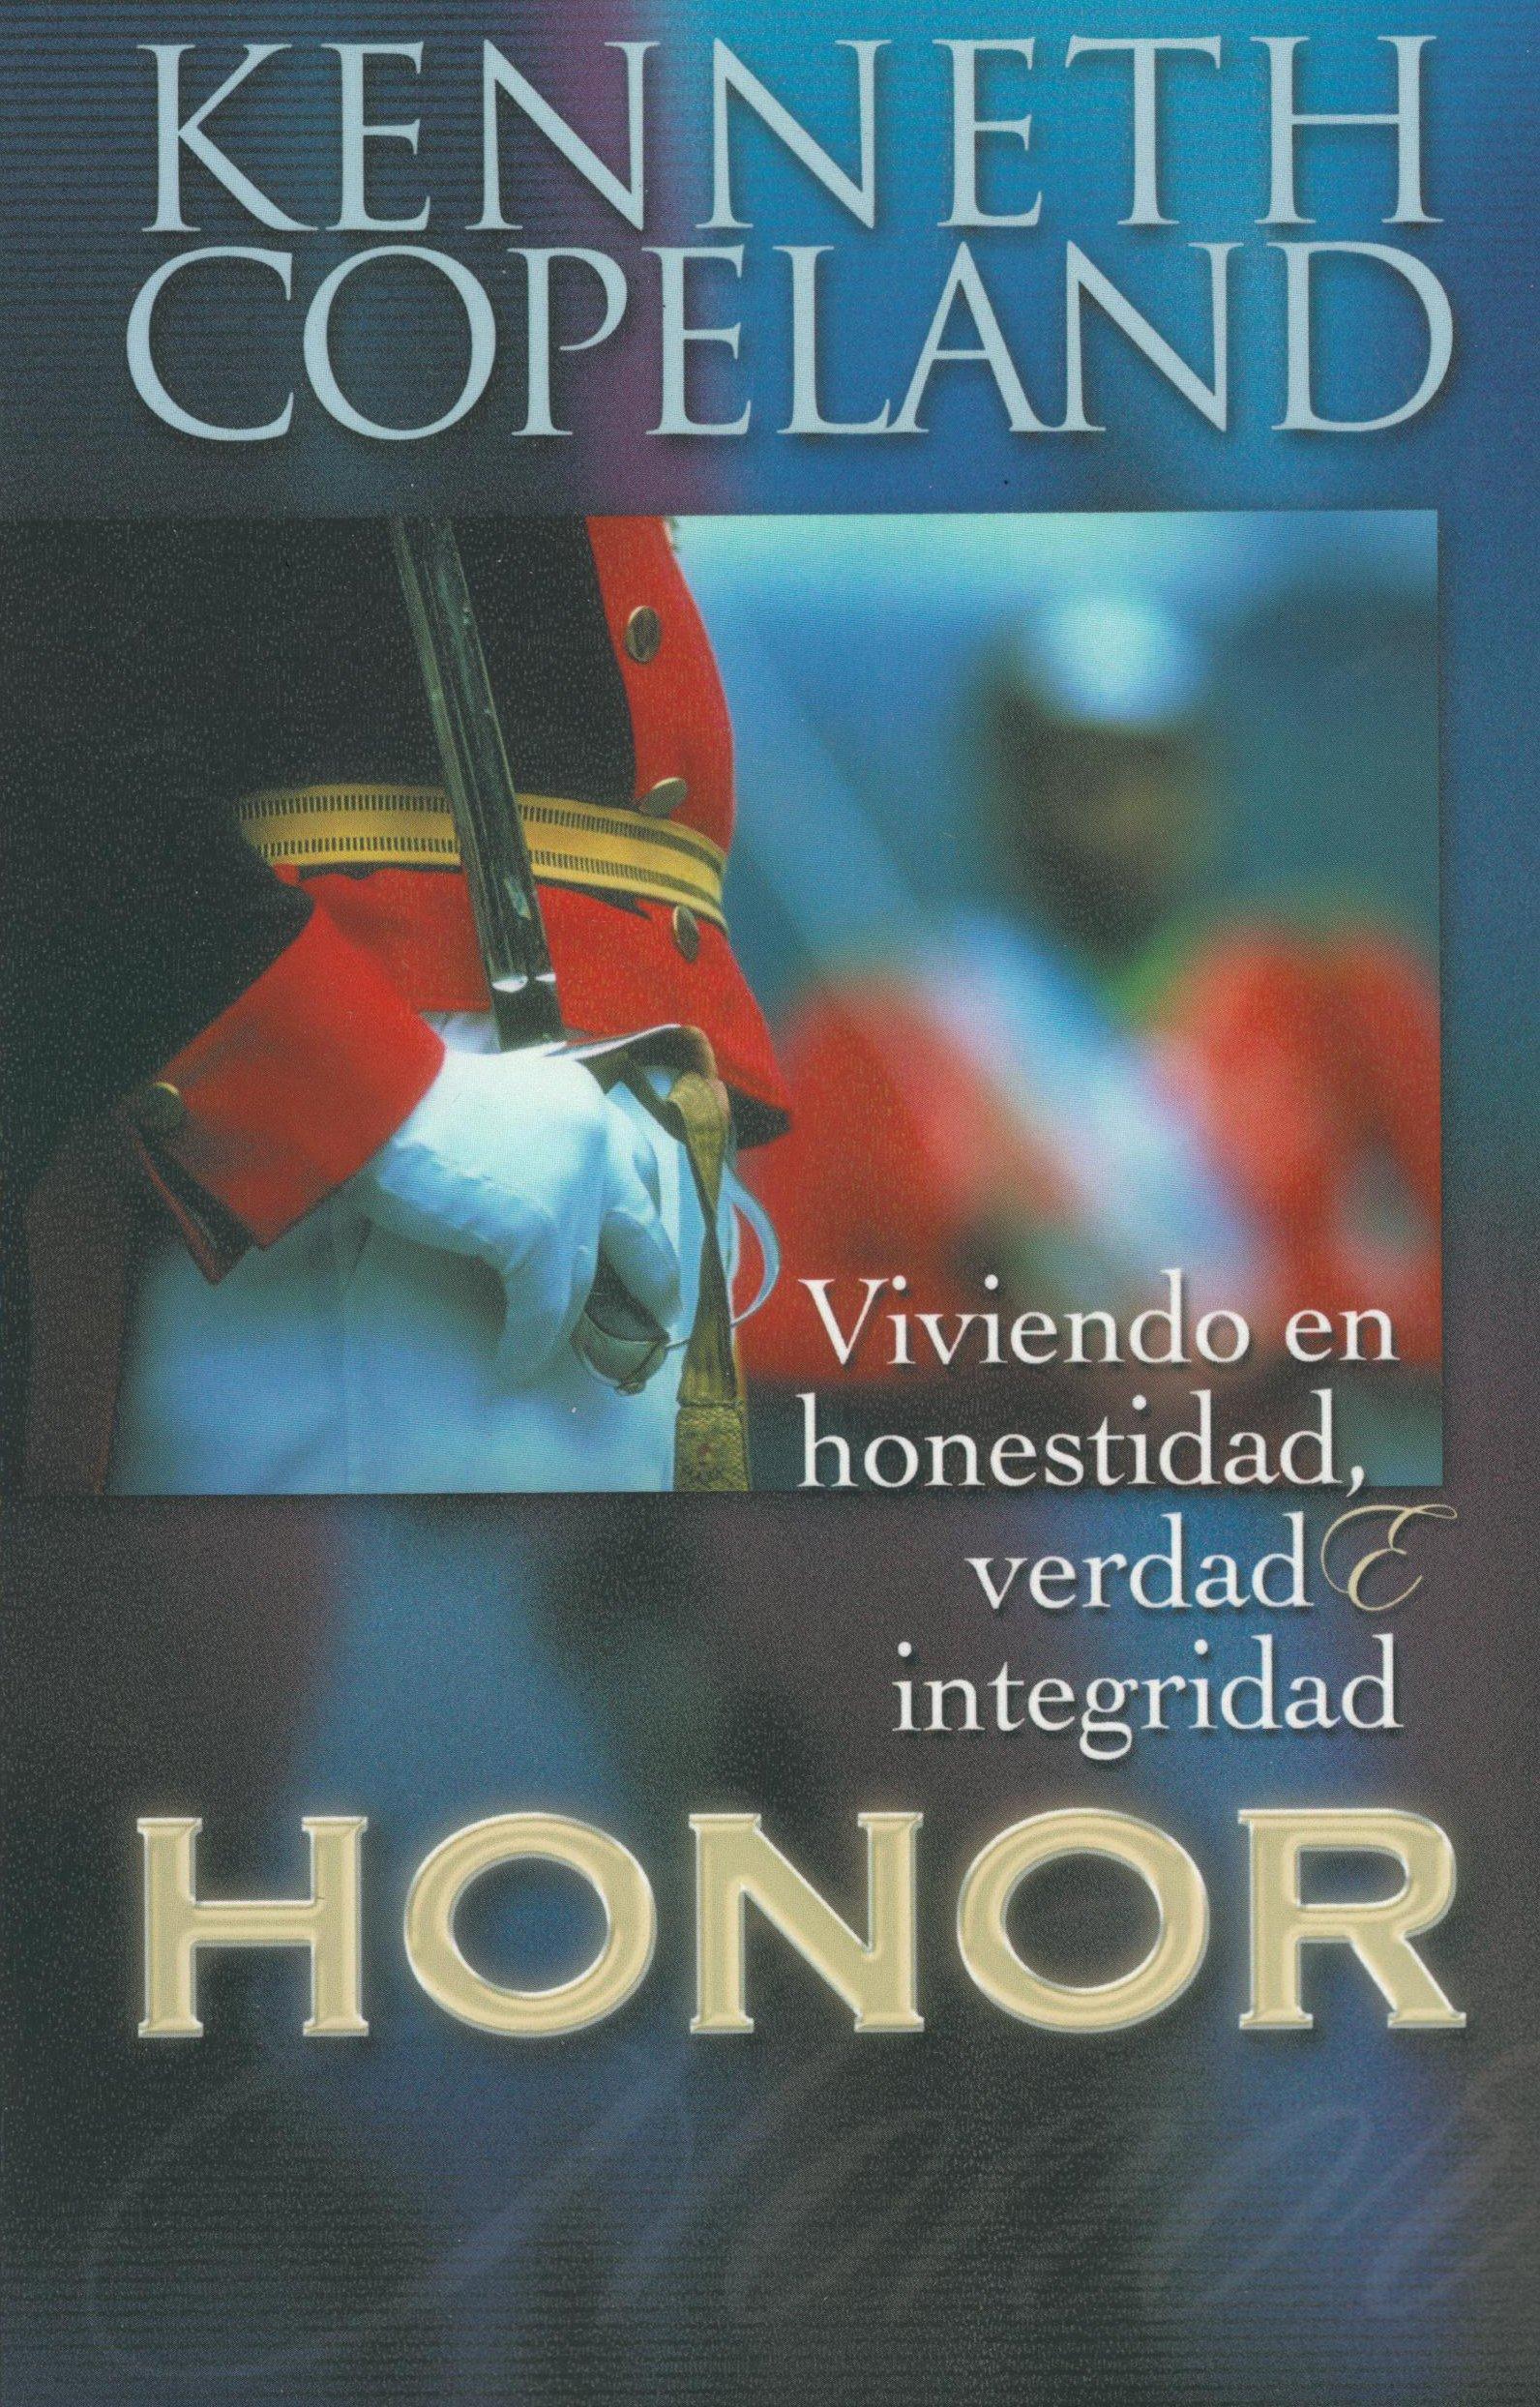 Download Honor: Vivendo en honestidad, verdad & integridad (Honor) (Spanish Edition) pdf